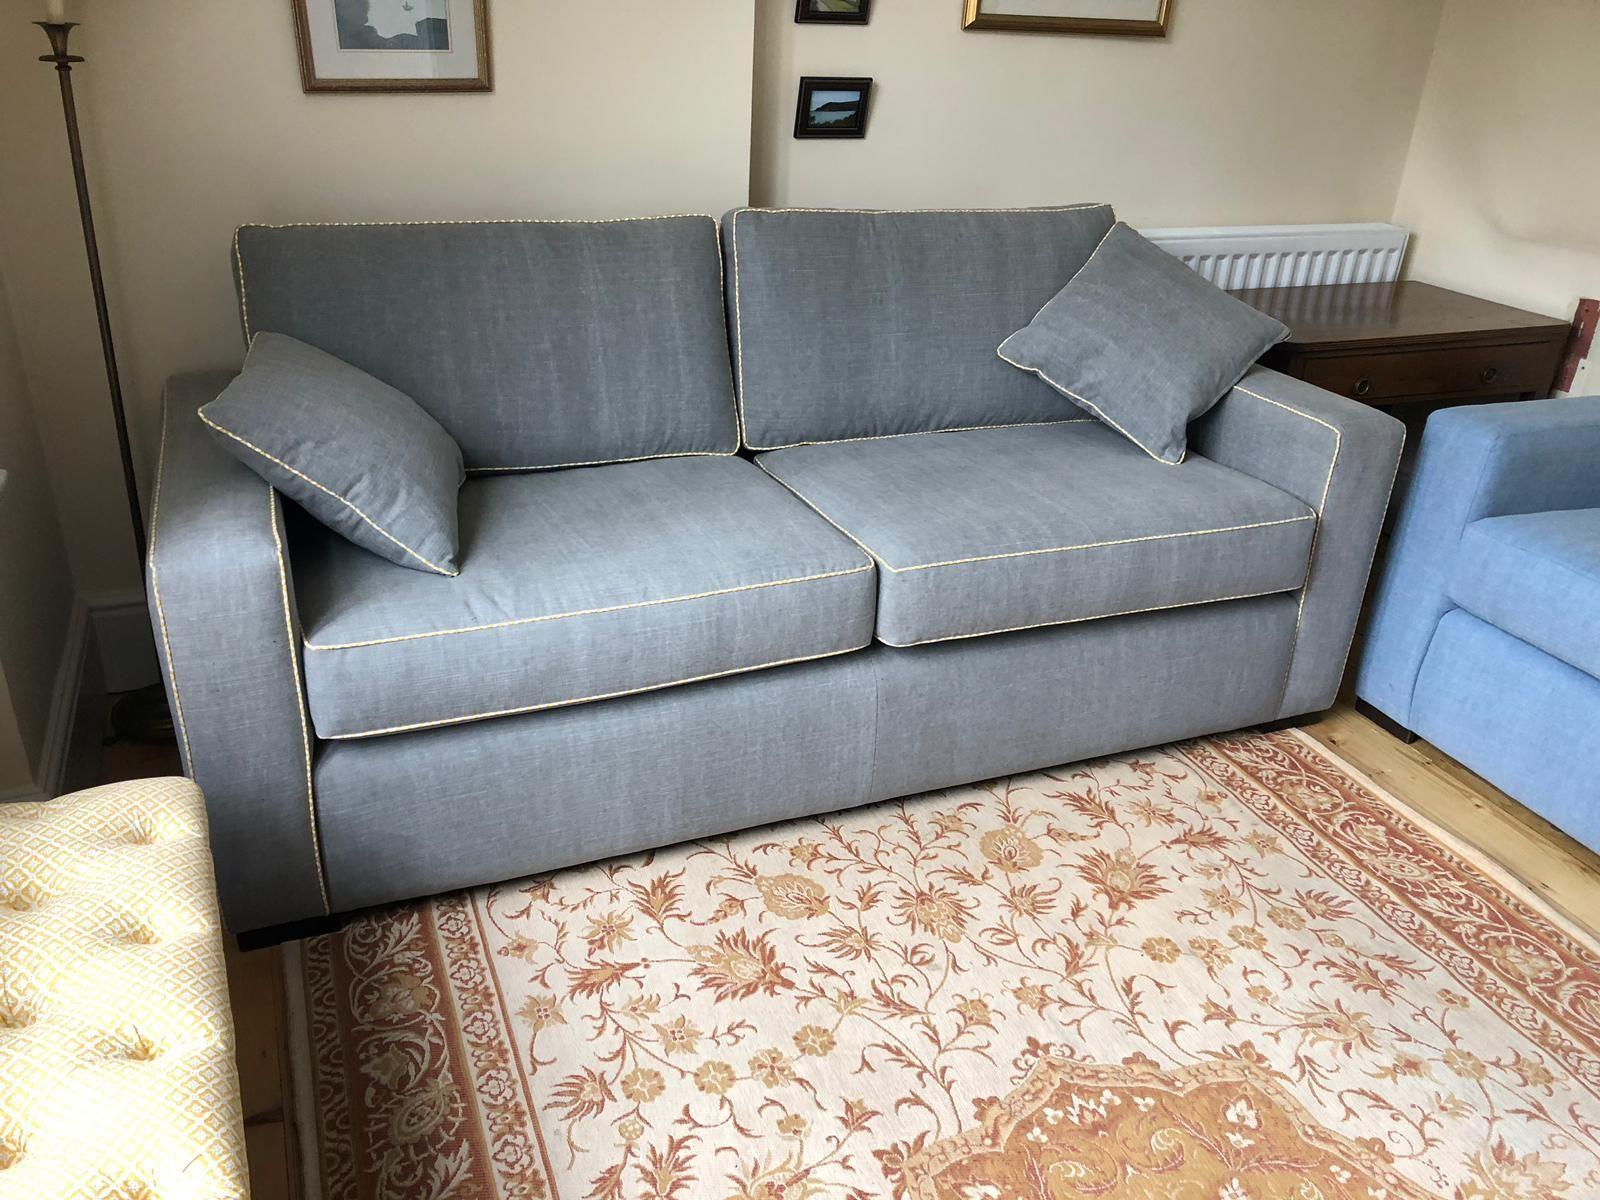 Bespoke Sofa 213 Cm Wide X 91 Deep